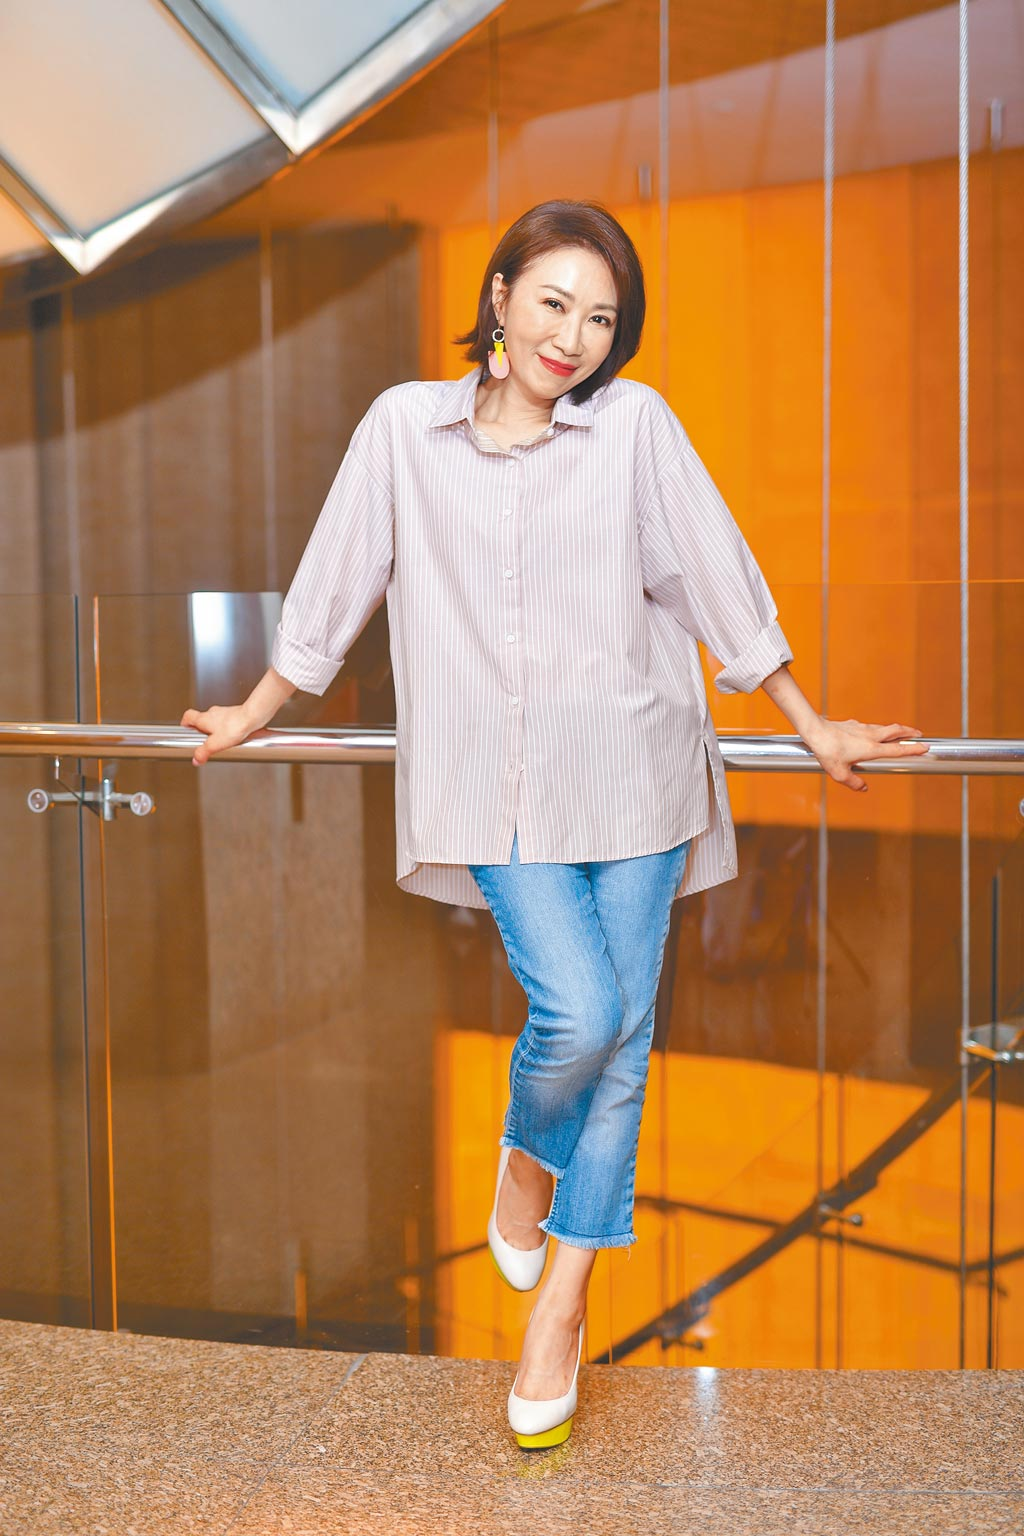 李翊君將於12月5日在台北國際會議中心舉辦演唱會。(盧禕祺攝)